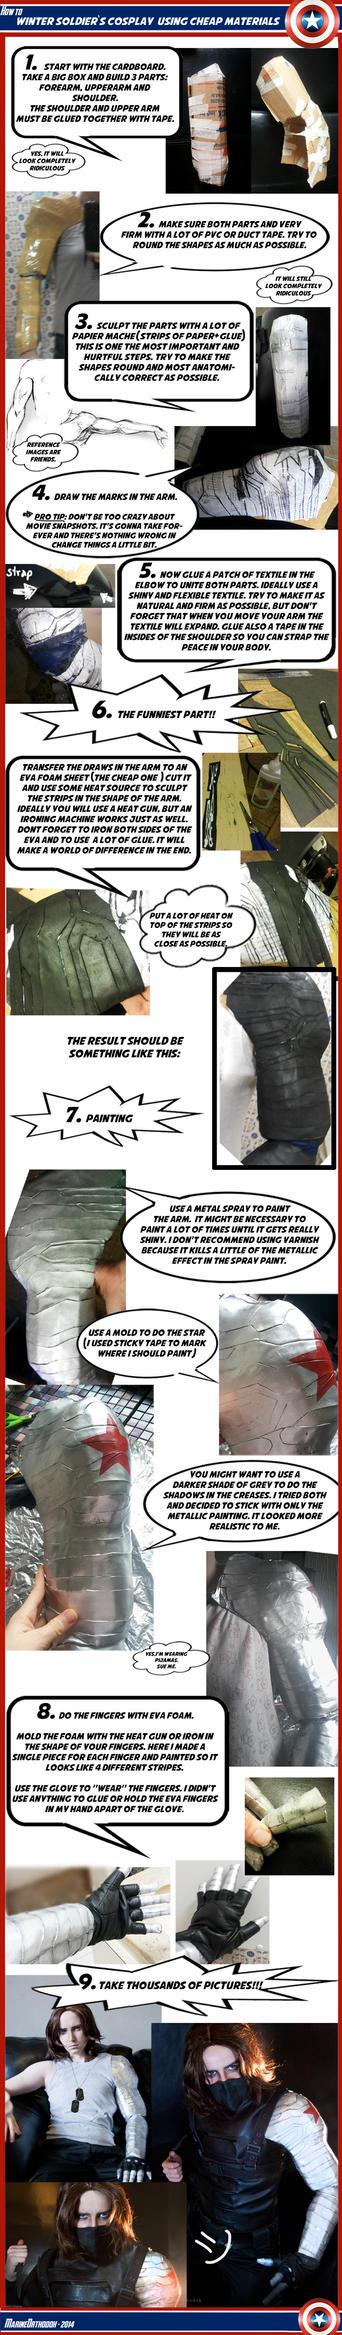 TUTORIAL - Winter Soldier's metal arm by MarineOrthodox